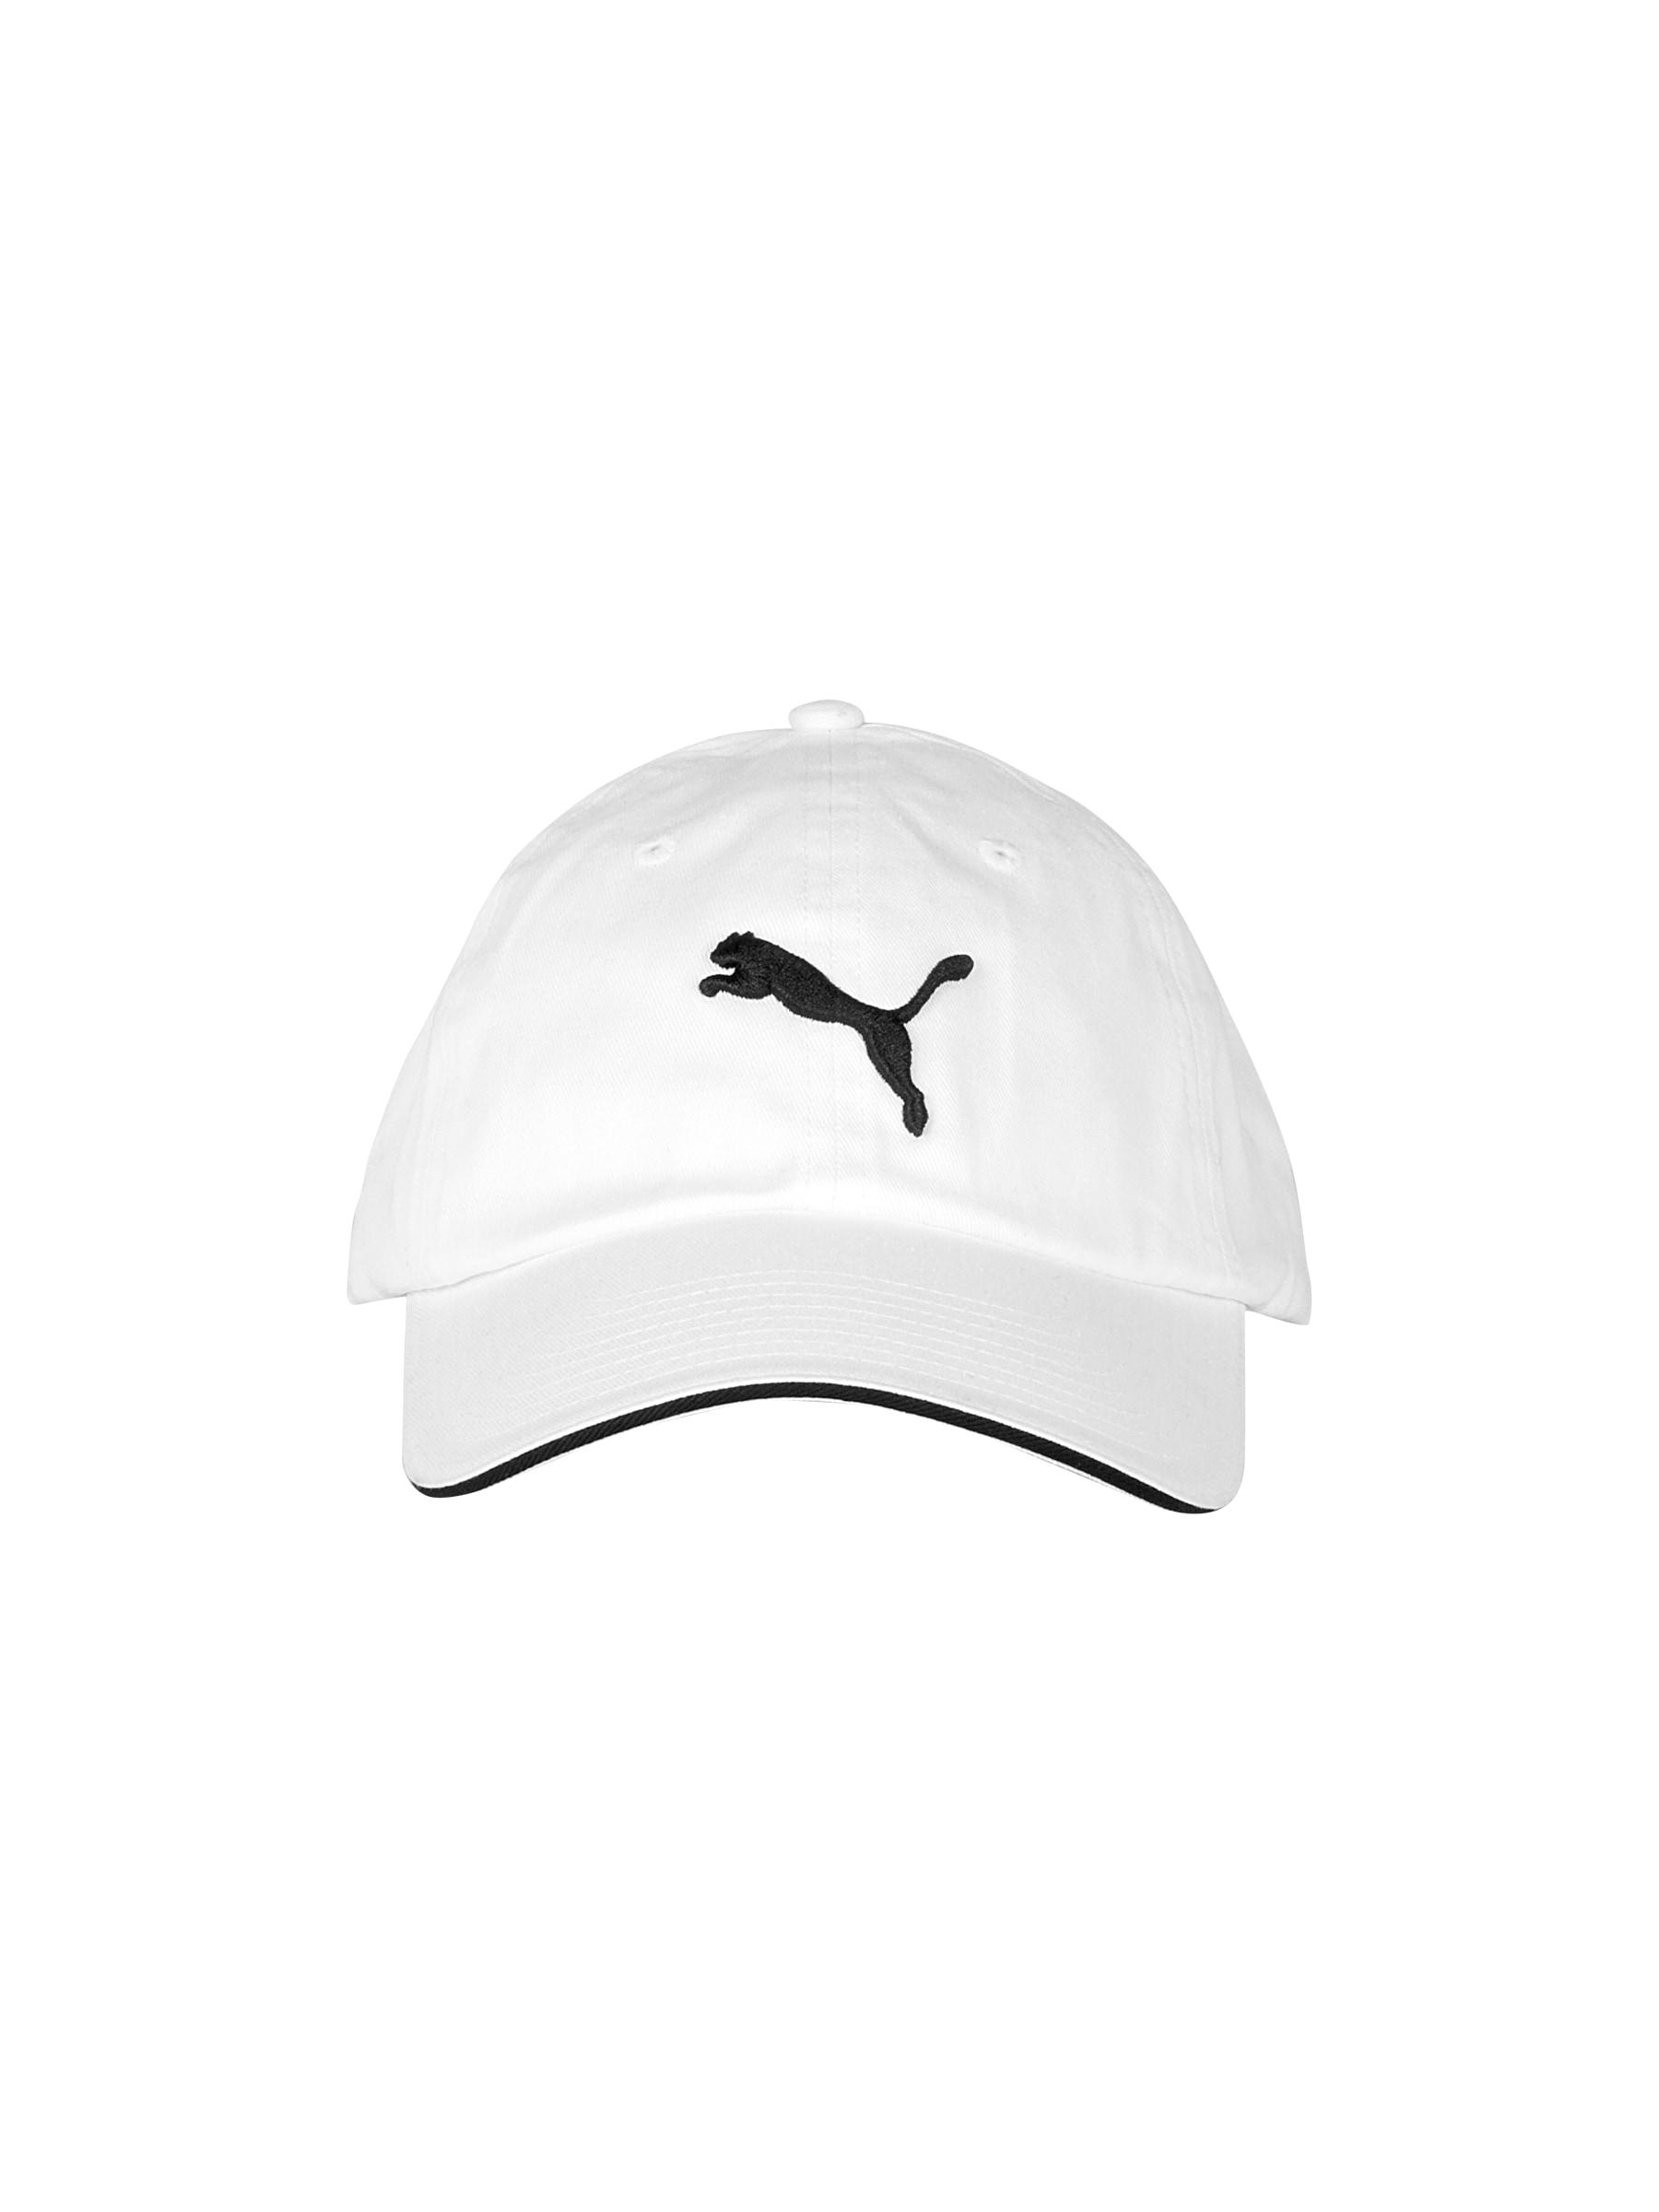 d5dd5db9 Puma 84075604 Unisex Unisex Cat Logo White Caps - Best Price in ...